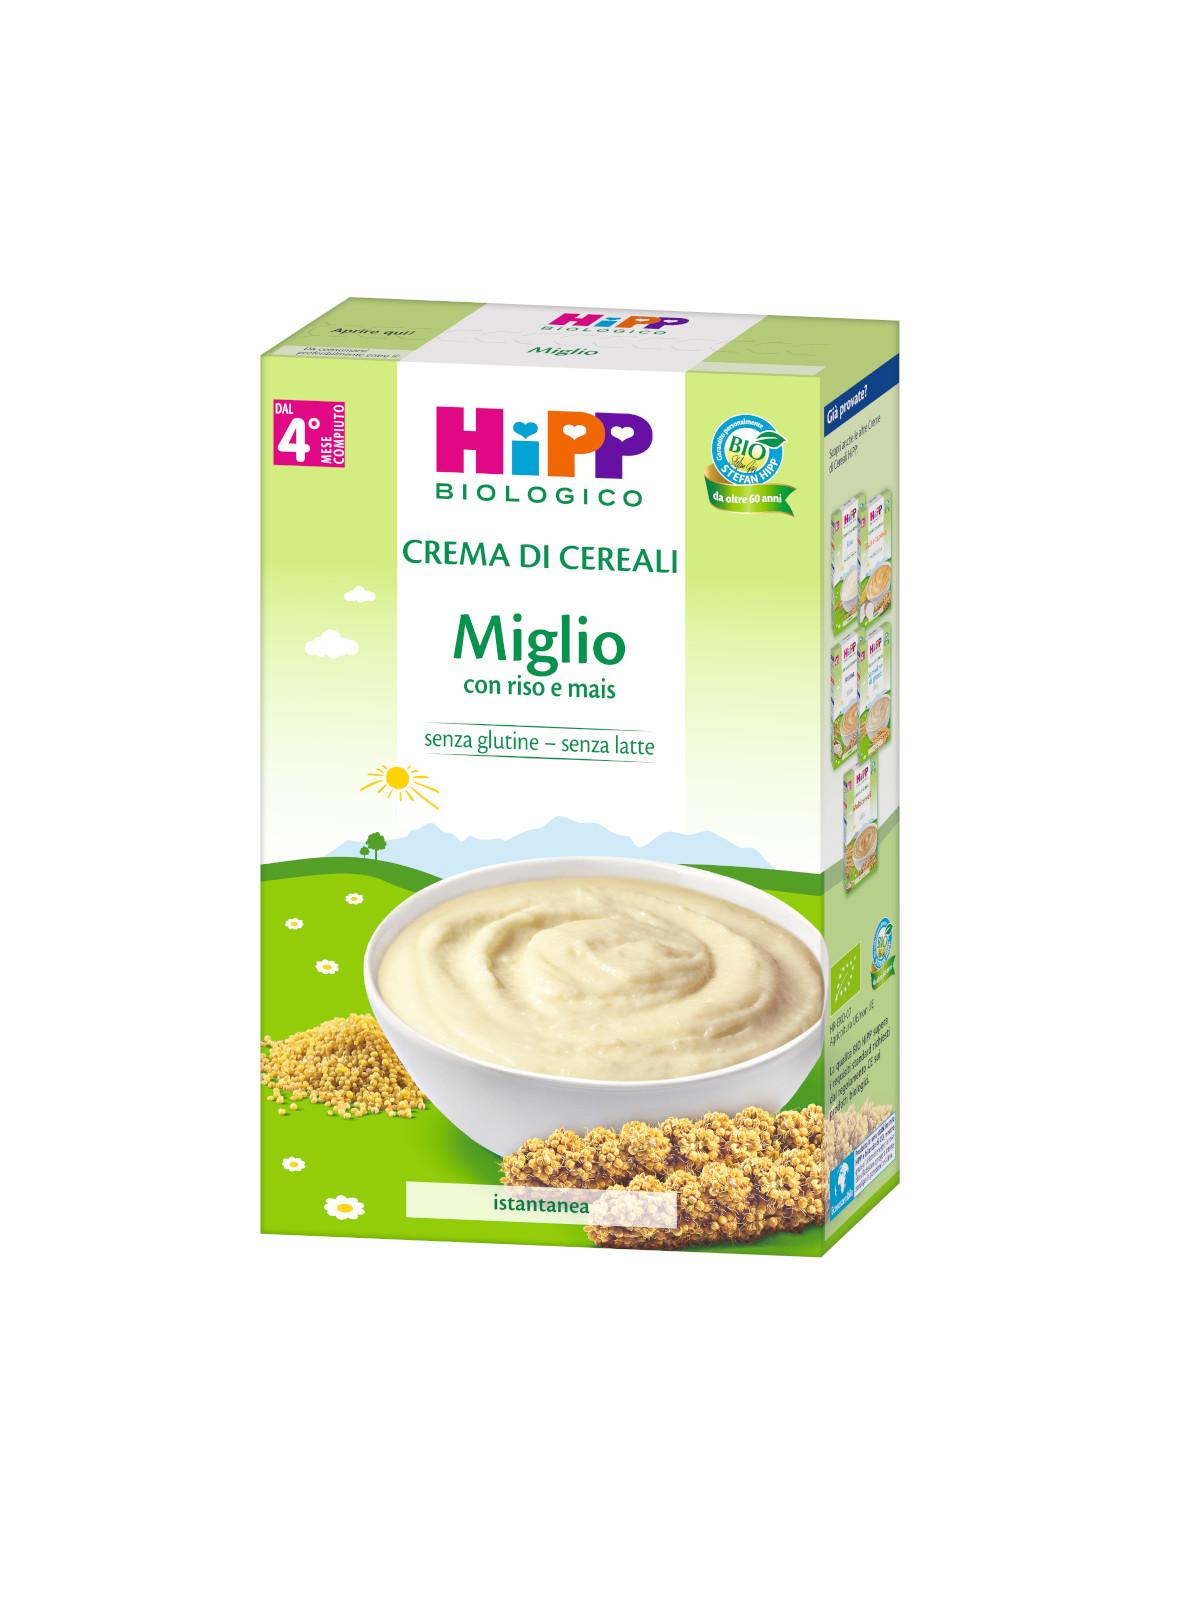 Crema di cereali miglio 200g - Hipp